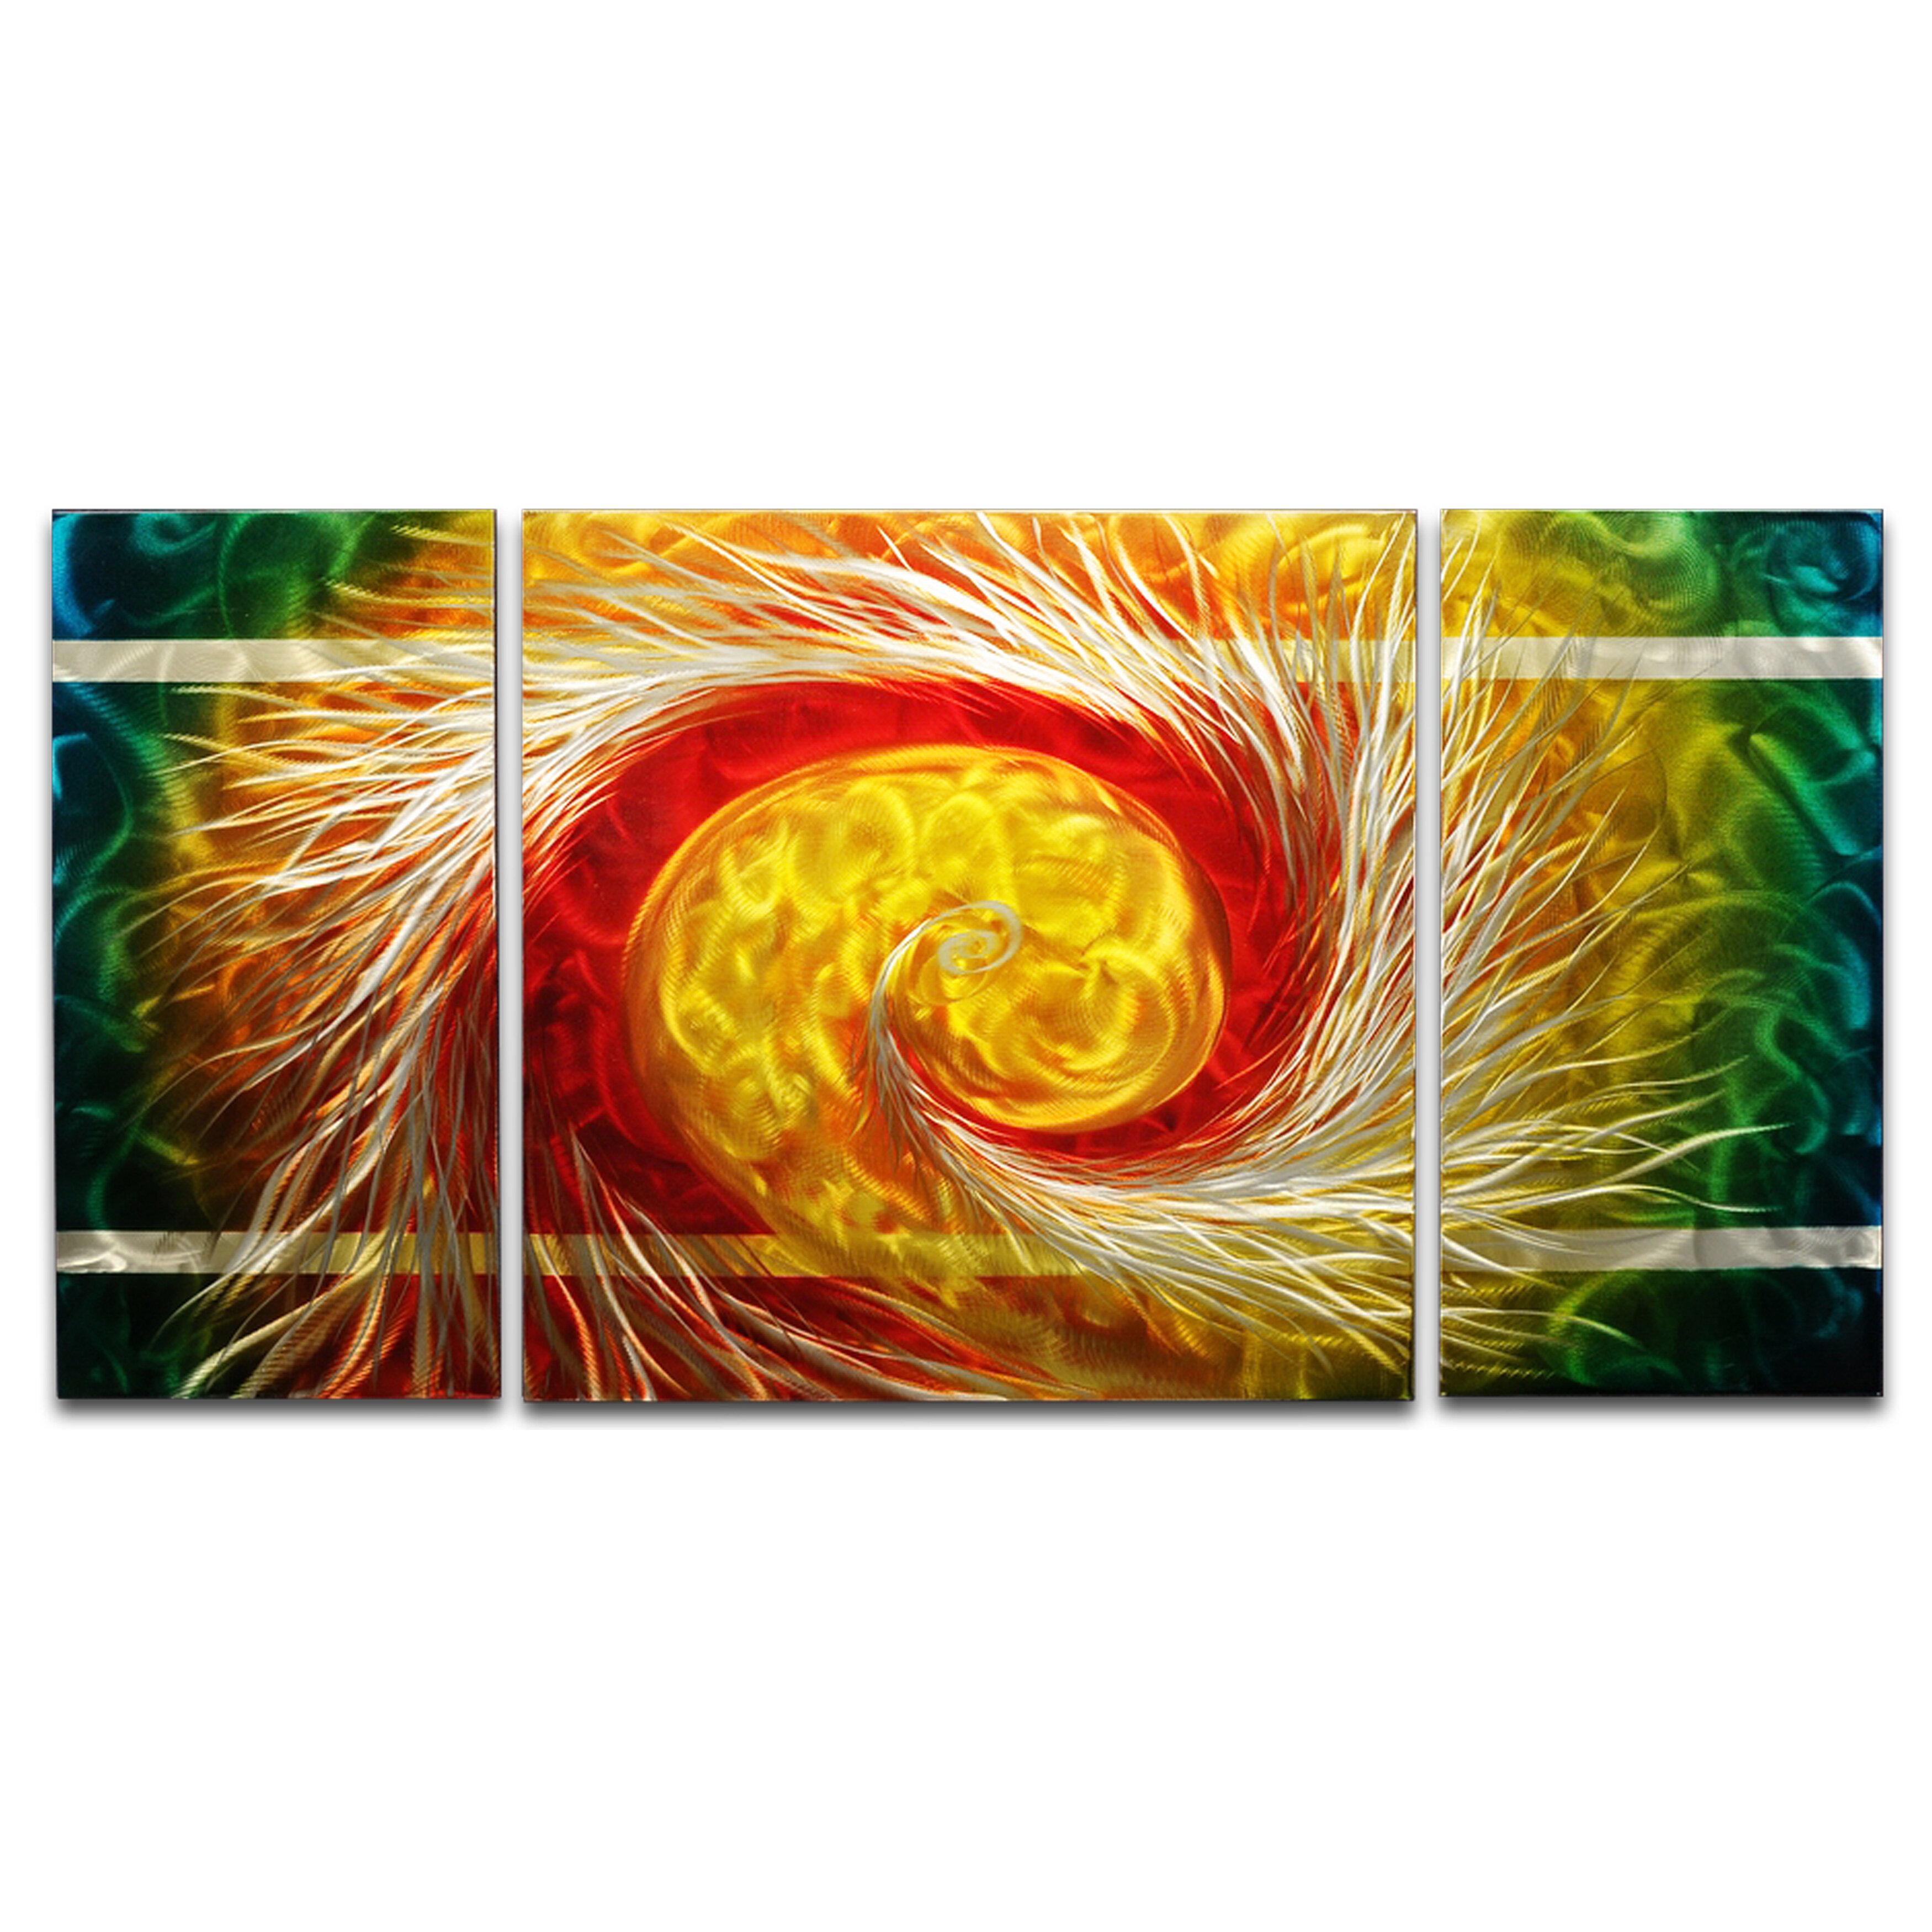 MetalArtscape The Phoenix 3 Piece Graphic Art Plaque Set | Wayfair